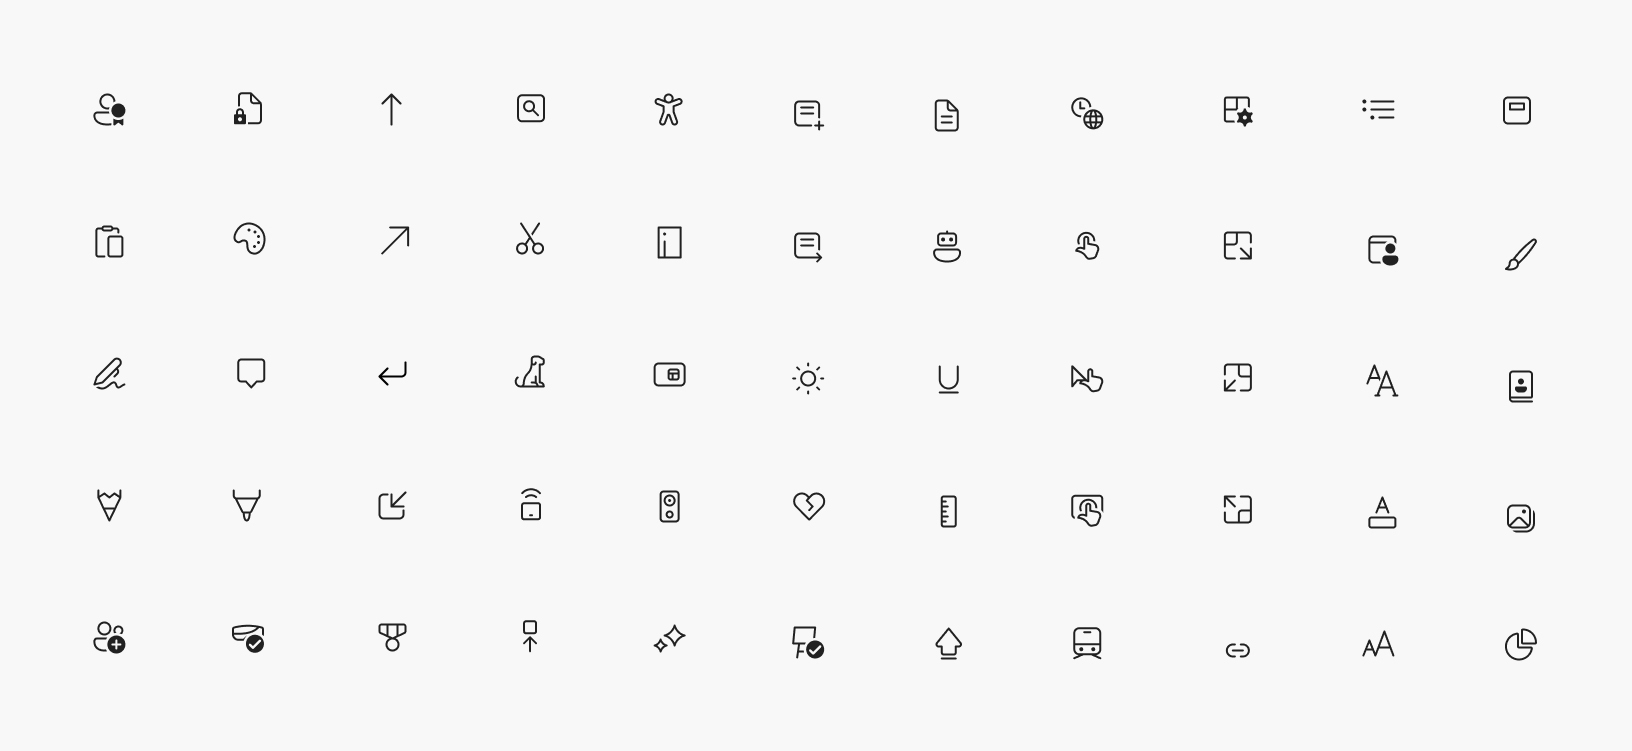 Windows 10 Fluent Design Icons